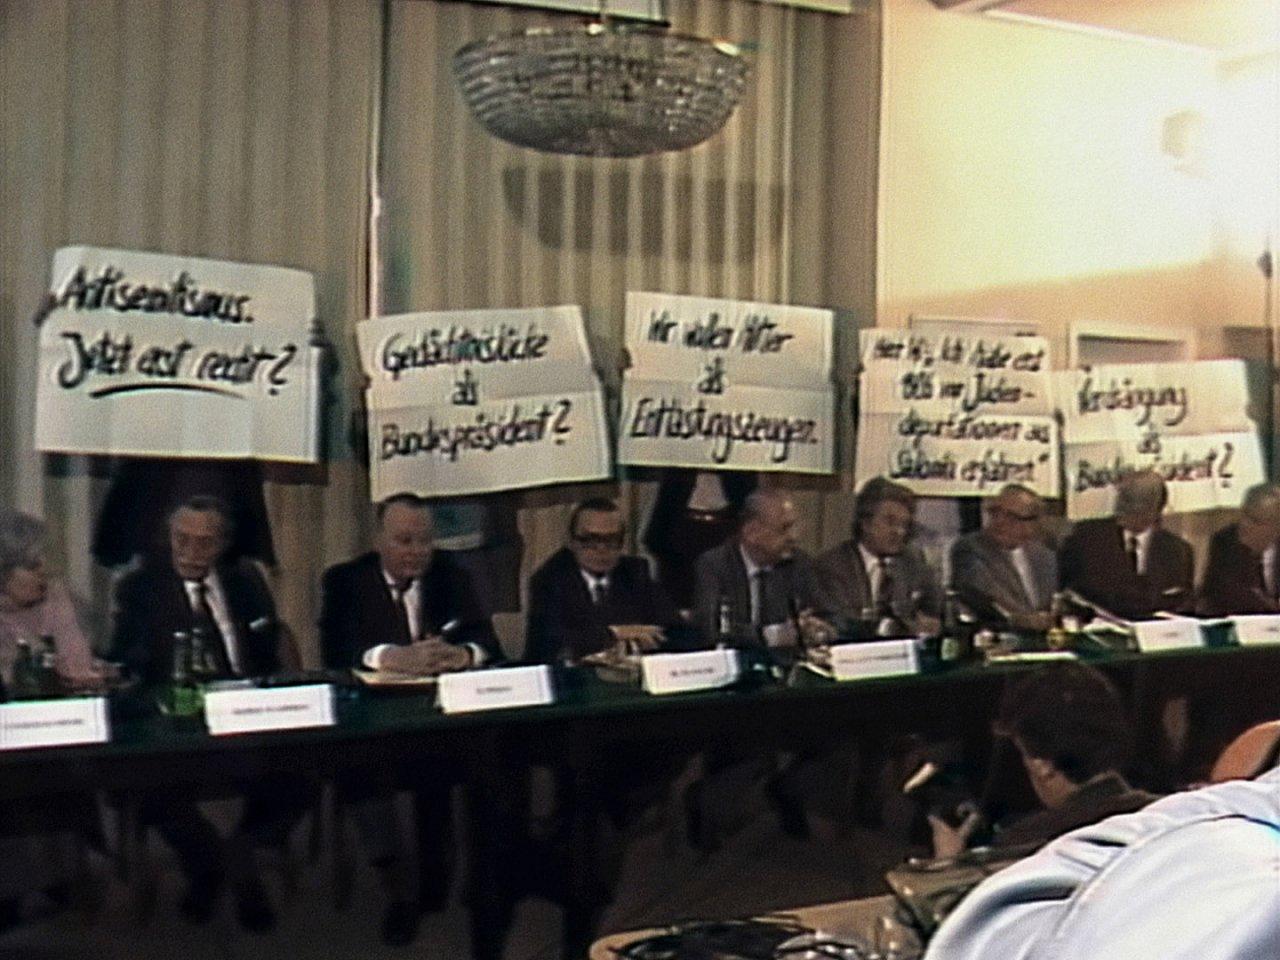 Figura 1. Jóvenes (entre ellos, Beckermann) con consignas contra Waldheim